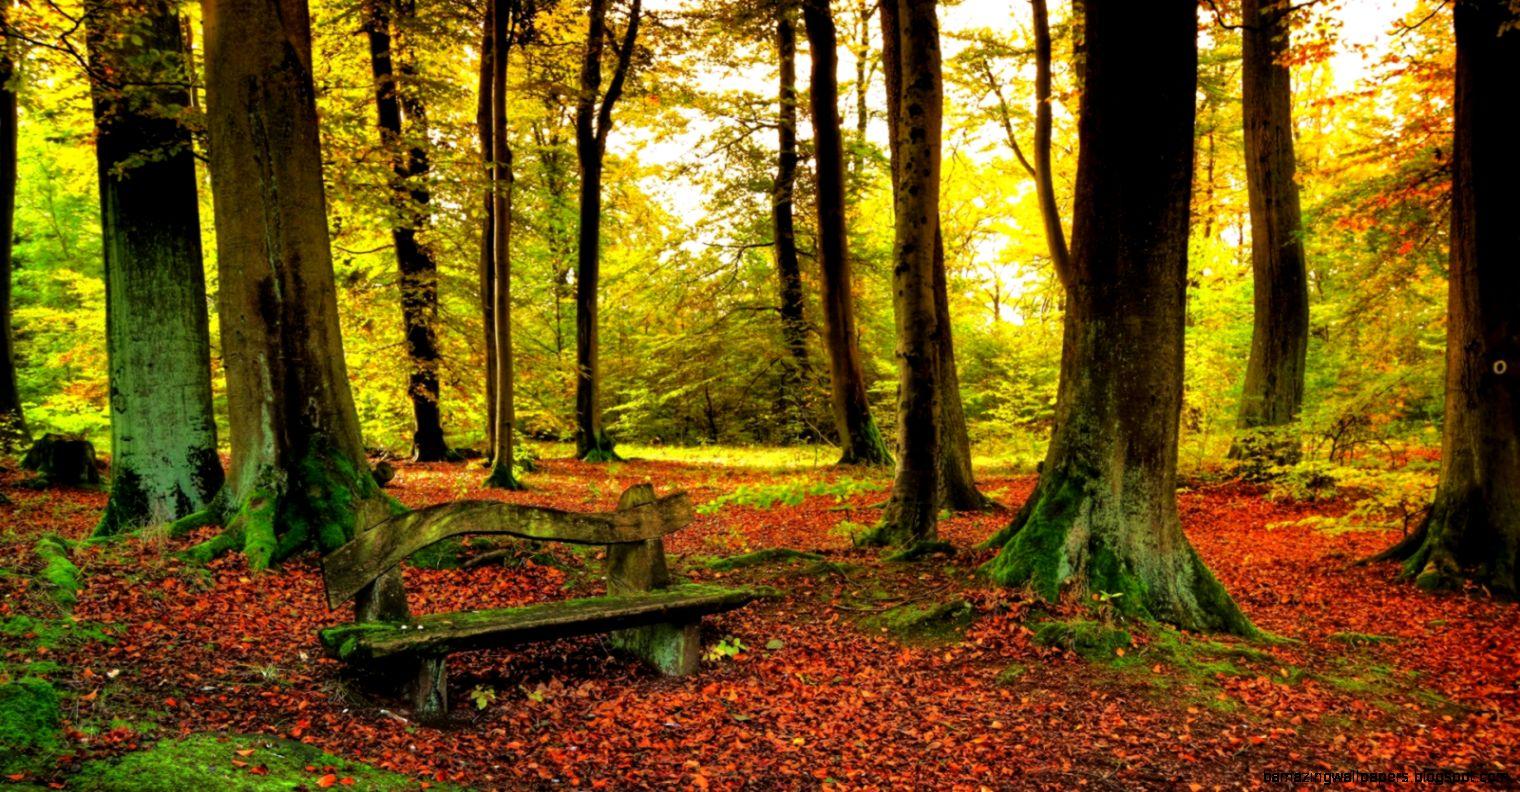 Autumn Beautiful Forest desktop wallpaper   HD Wallpaper Pic